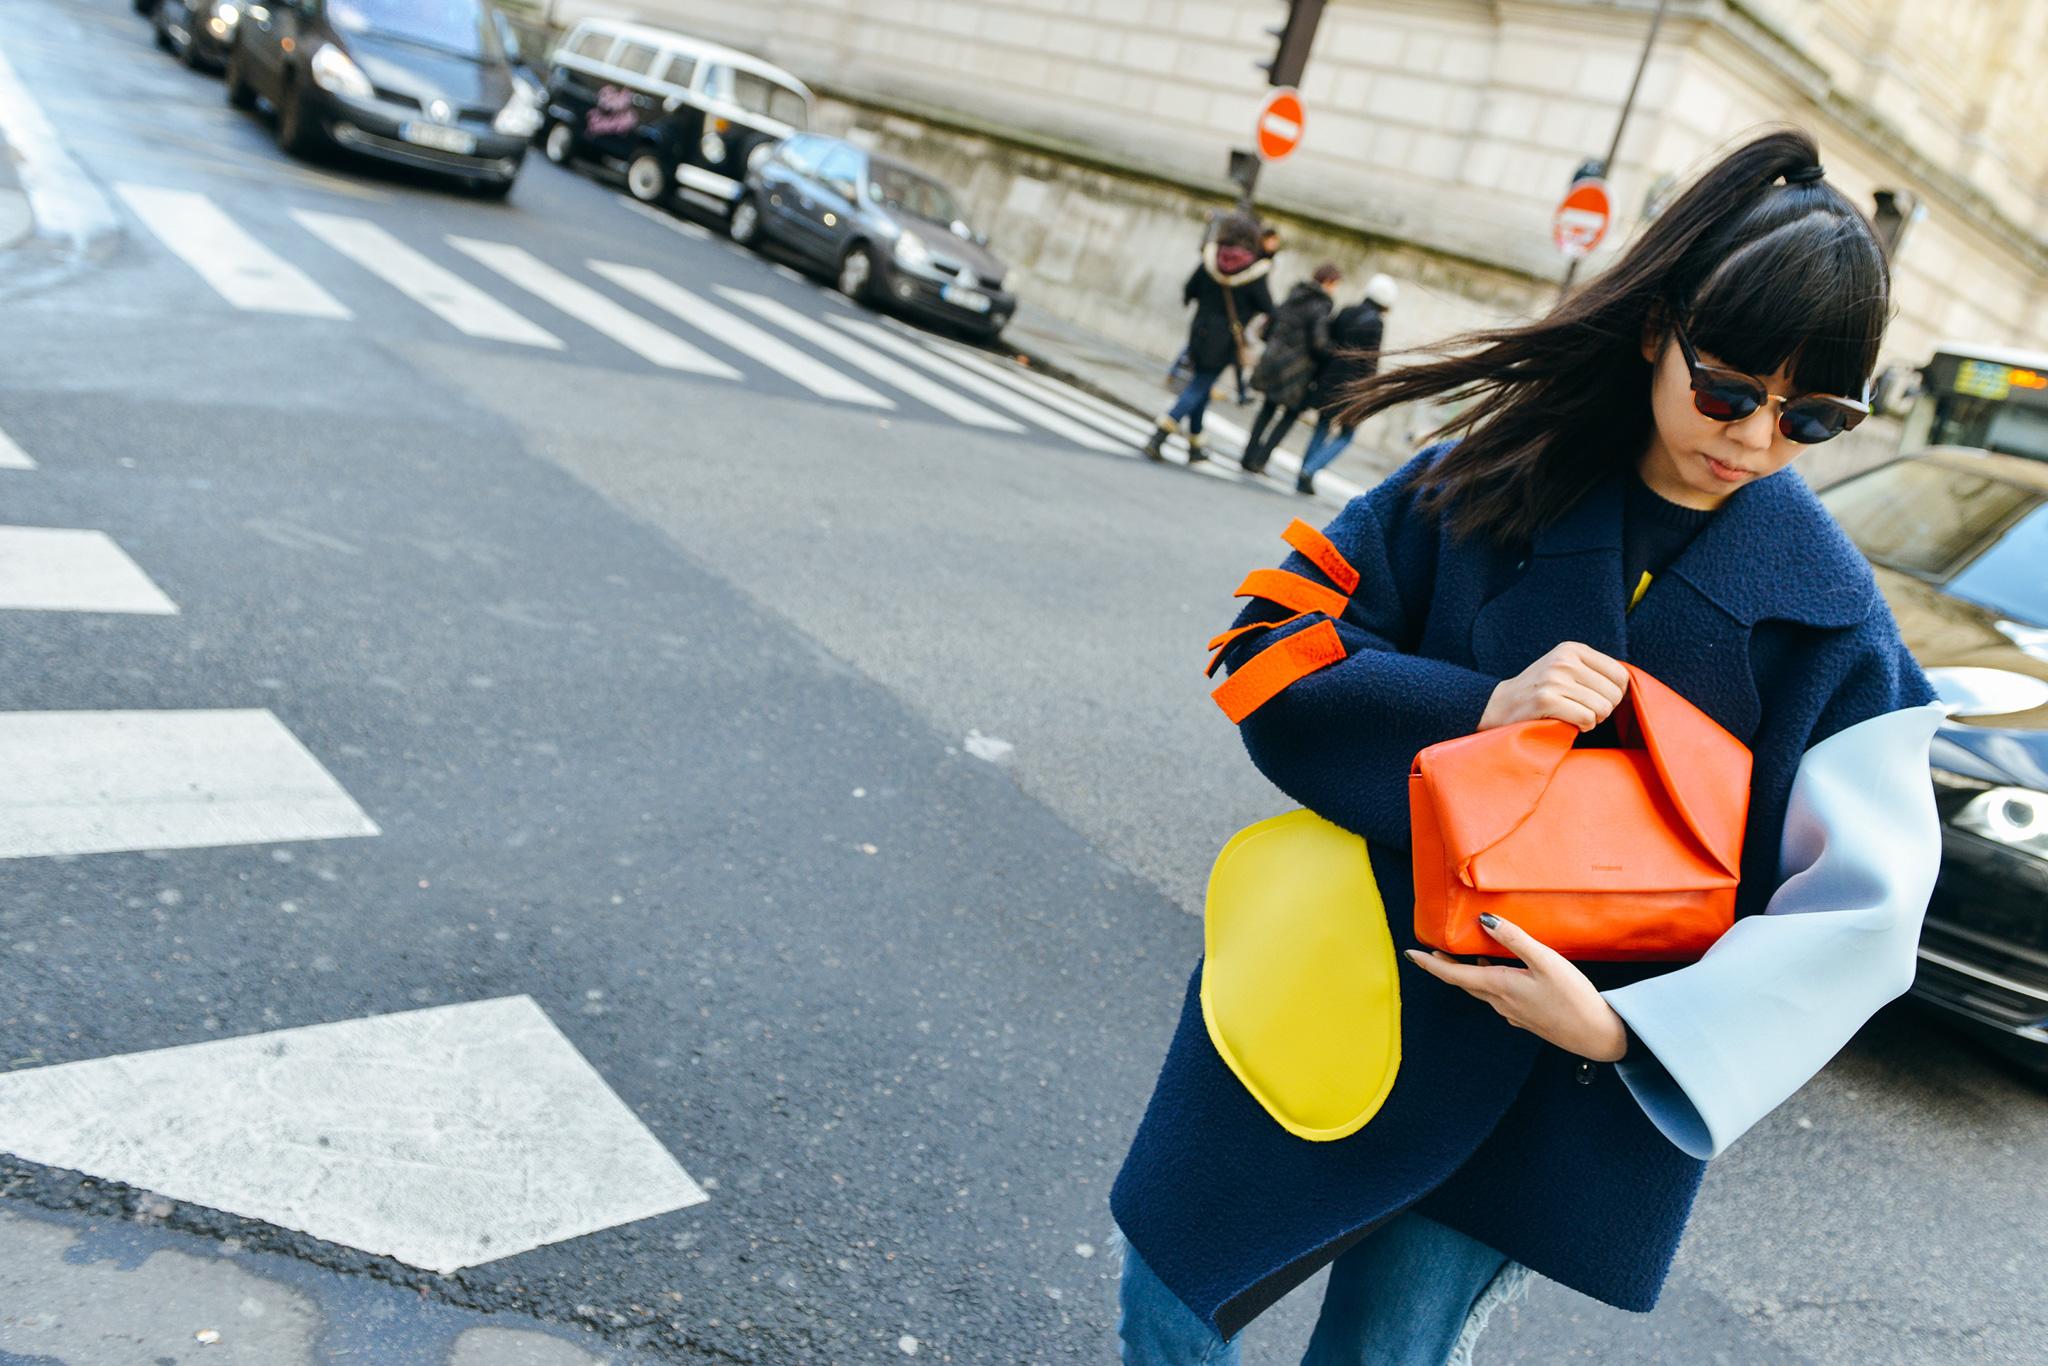 13-tommy-ton-fall-2015-menswear-street-style-03.jpg